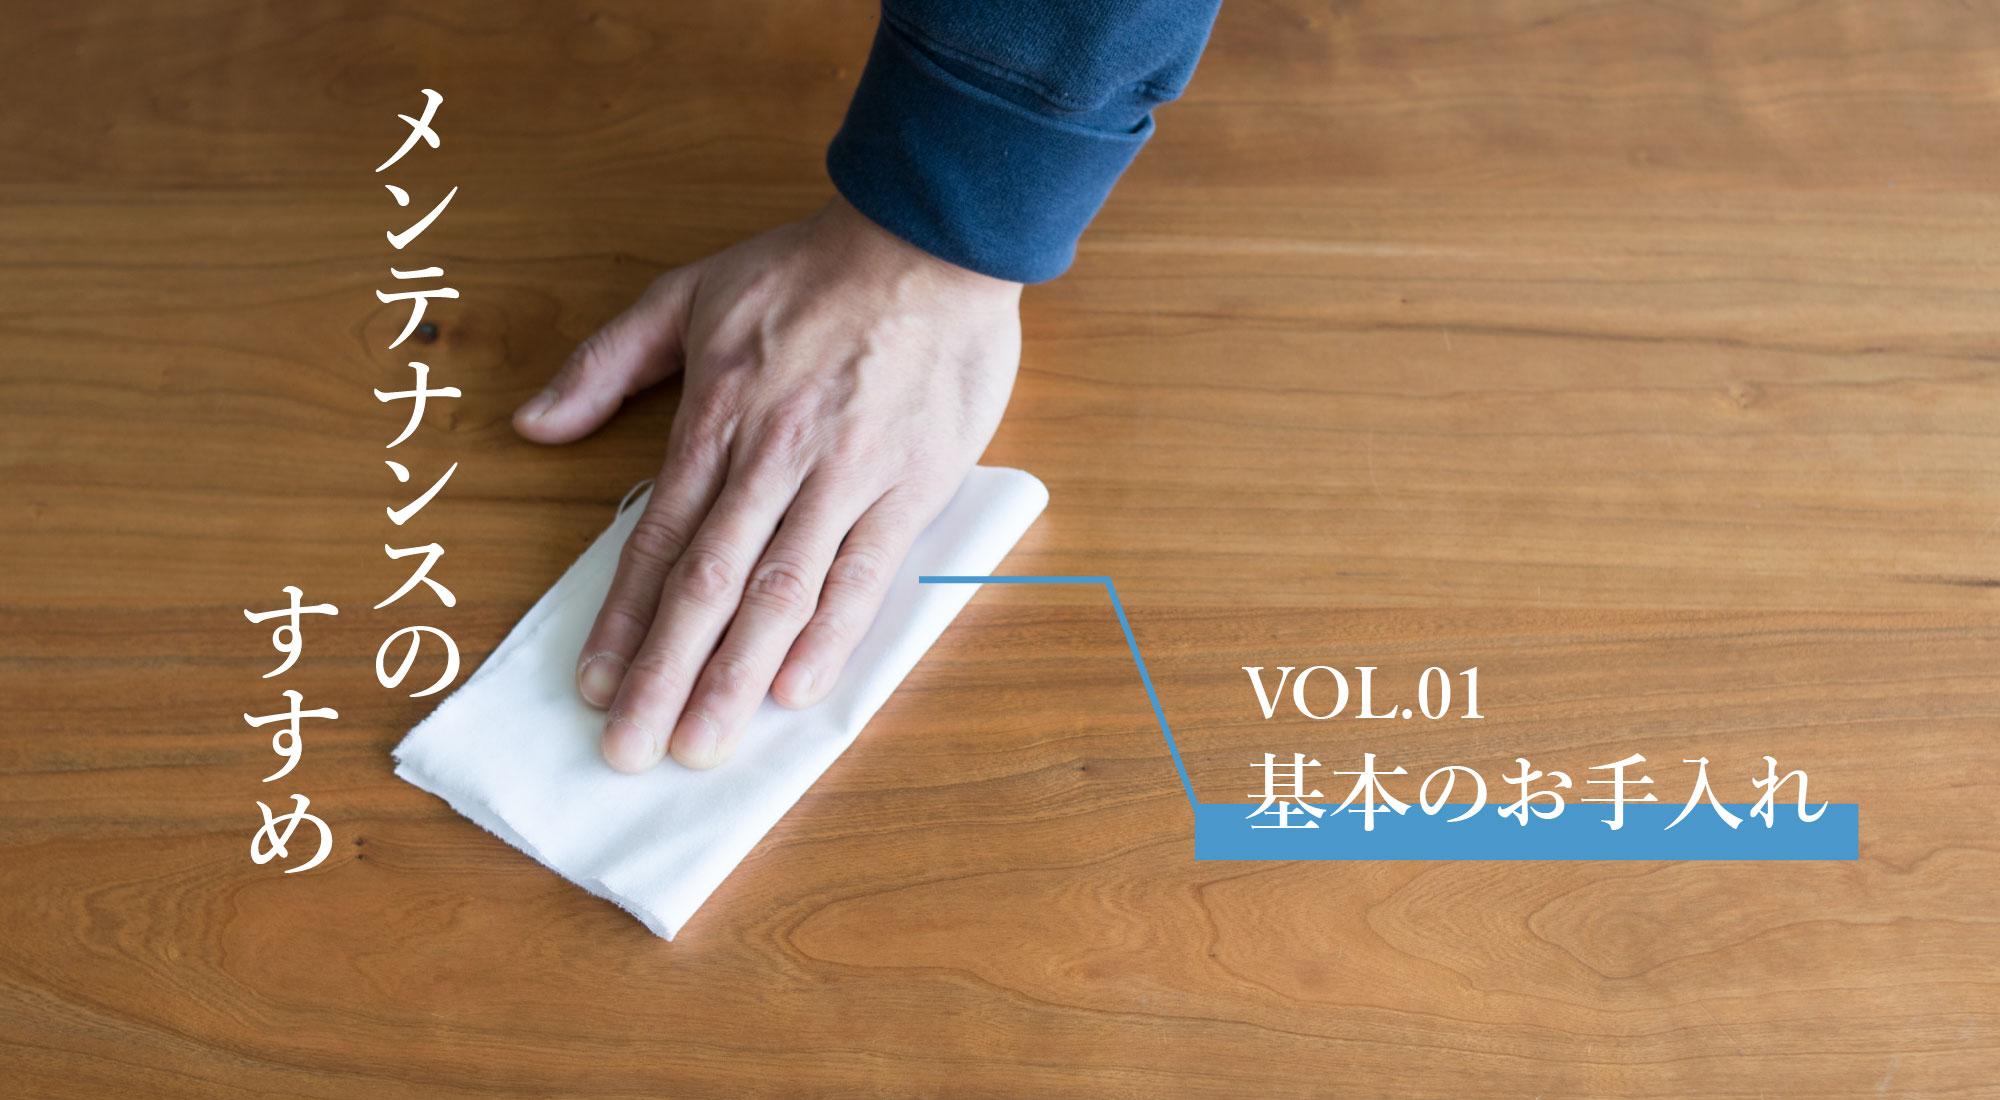 メンテナンスのすすめ「VOL.01基本のお手入れ」